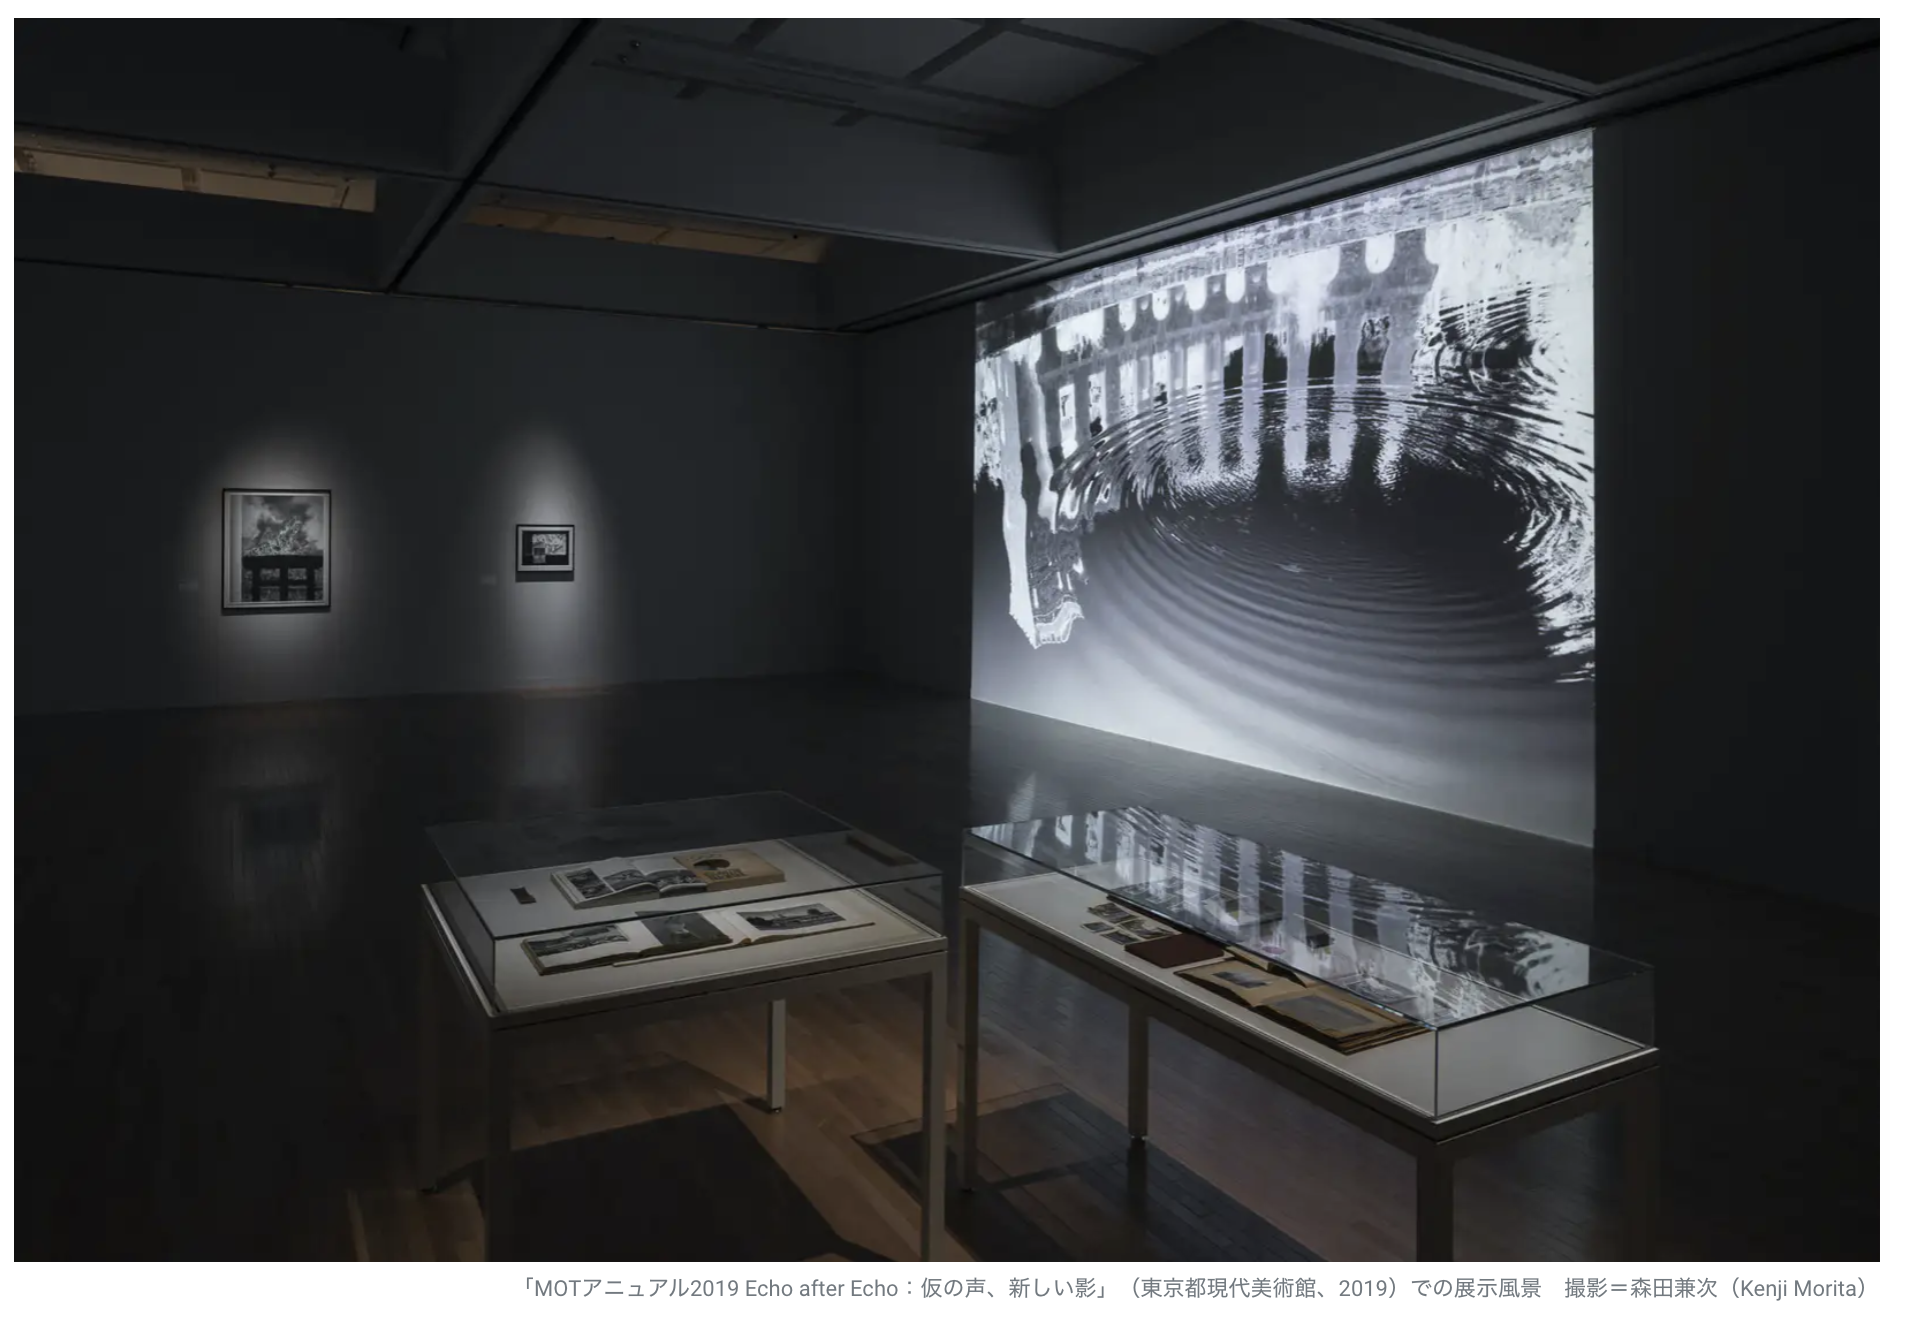 【美術解説】三宅砂織「フォトグラムを使って多様な表現を行う現代美術家」